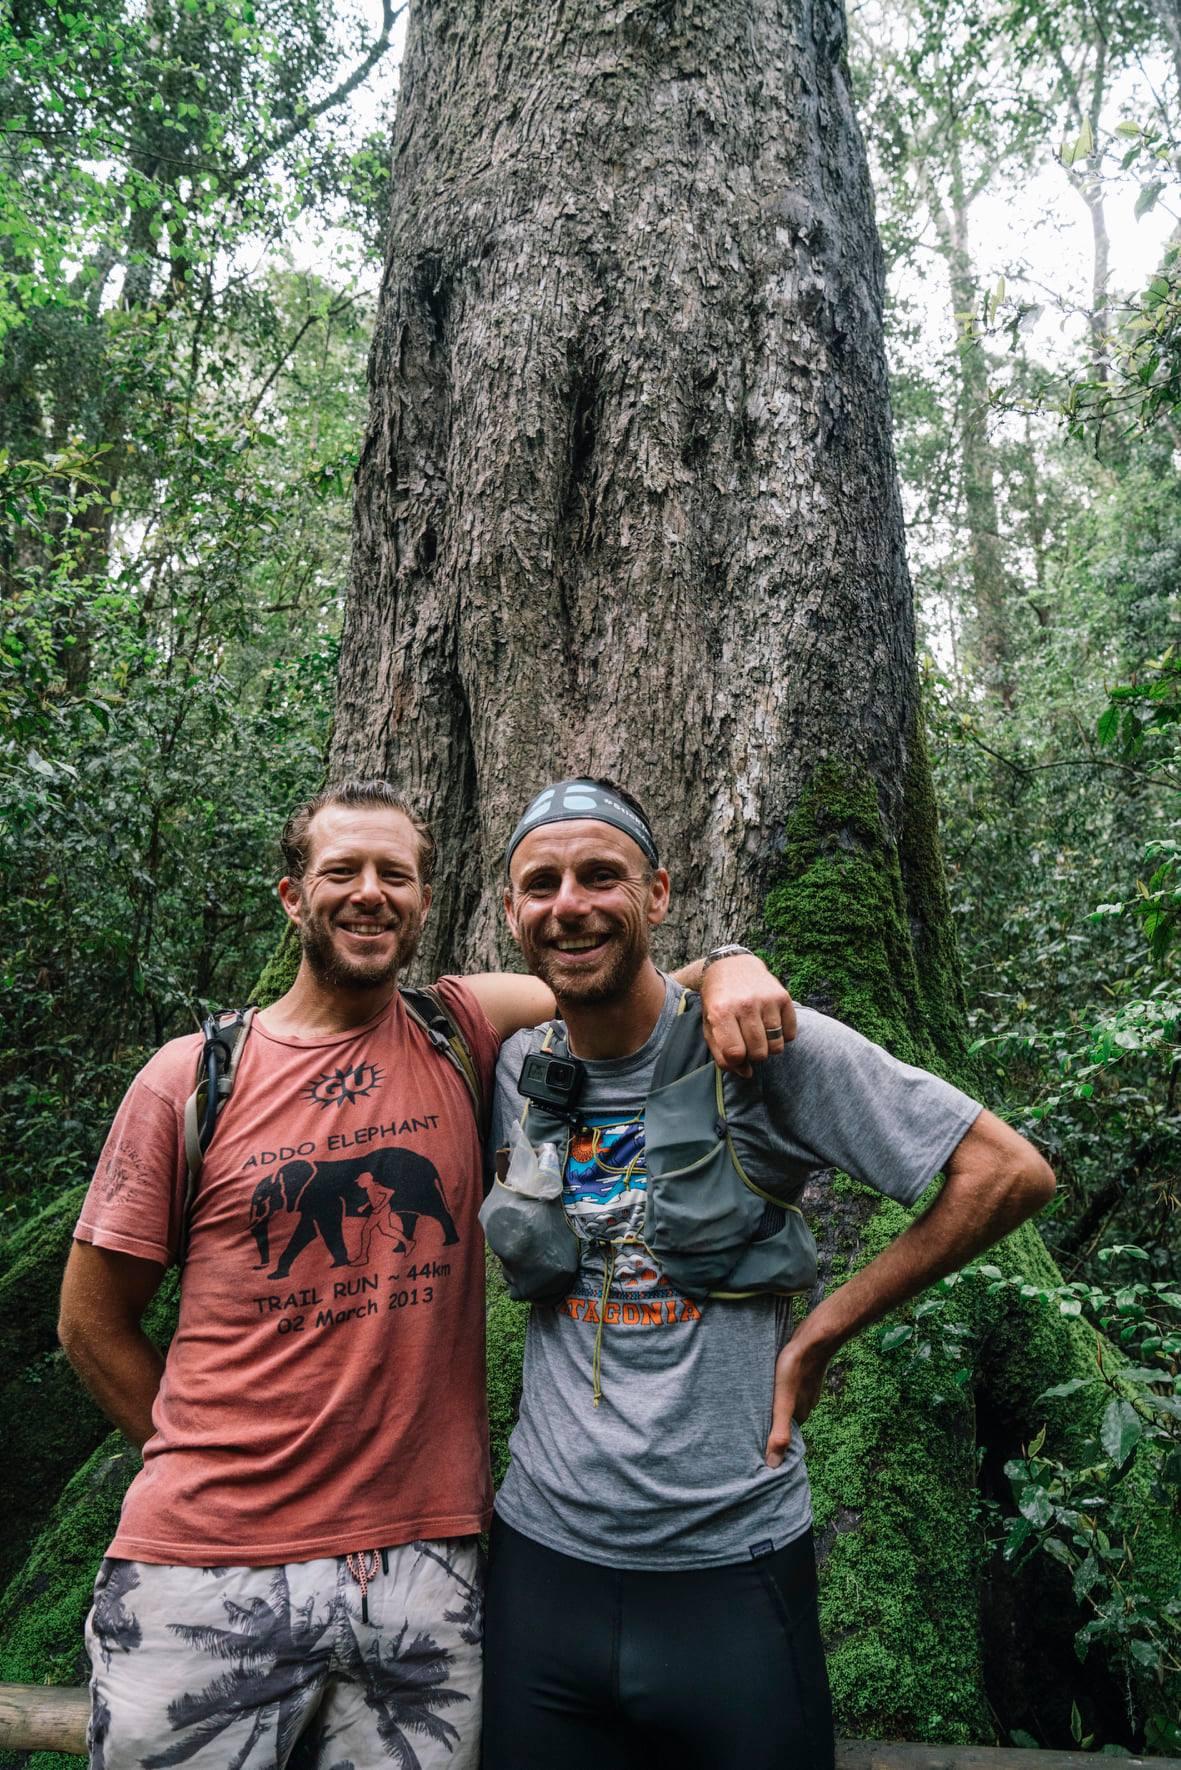 Clyde Berning and Damien Schumann 359km in 8 days Addo to Eden